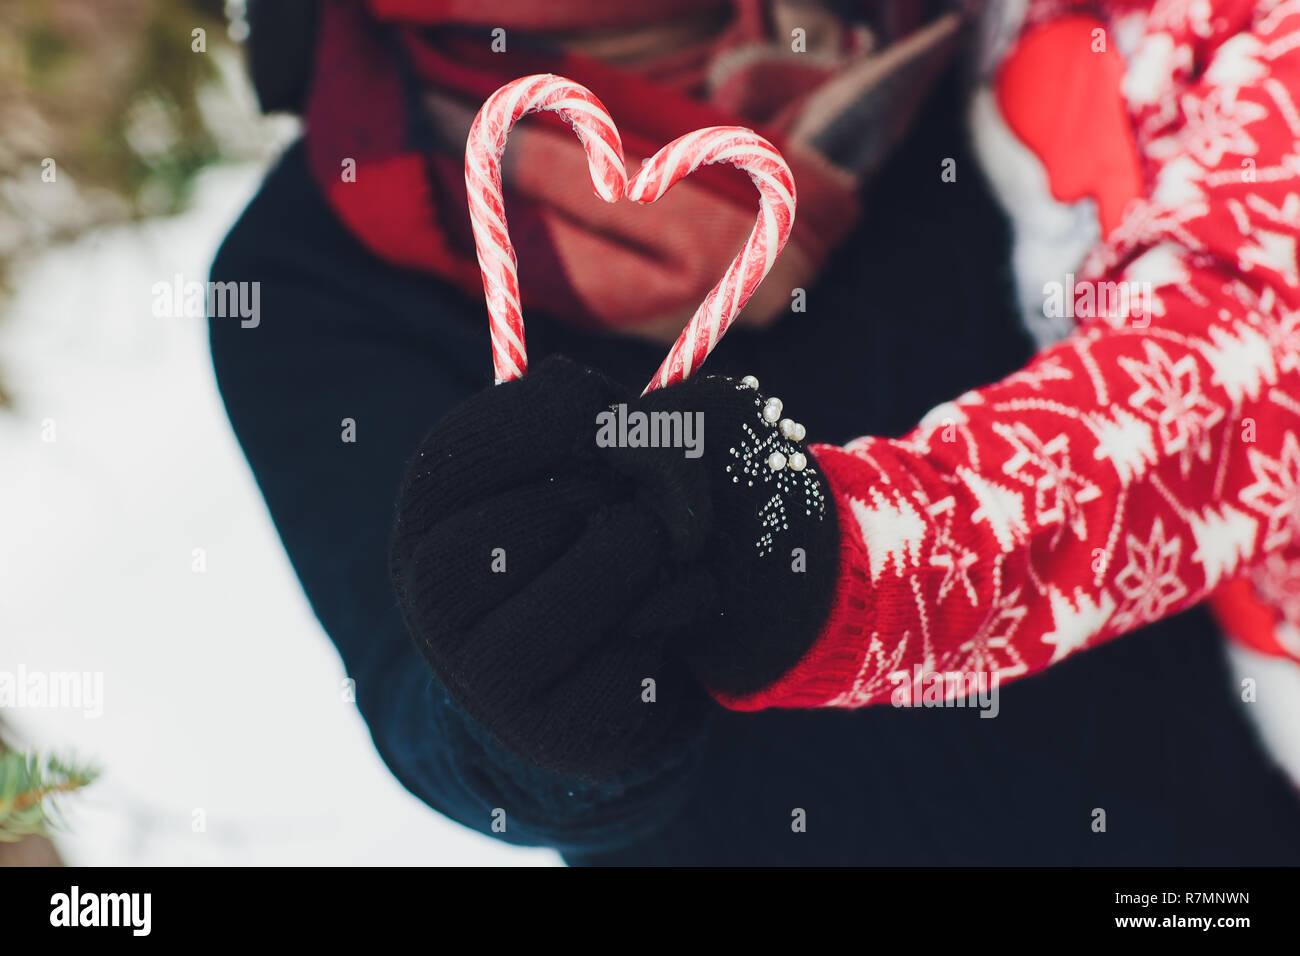 Lecca-lecca bastone in mano in mitten neve sullo sfondo i dolci di natale concetto. andies in forma di cuore. Candy in mano con un guanto su uno sfondo di neve. Foto Stock